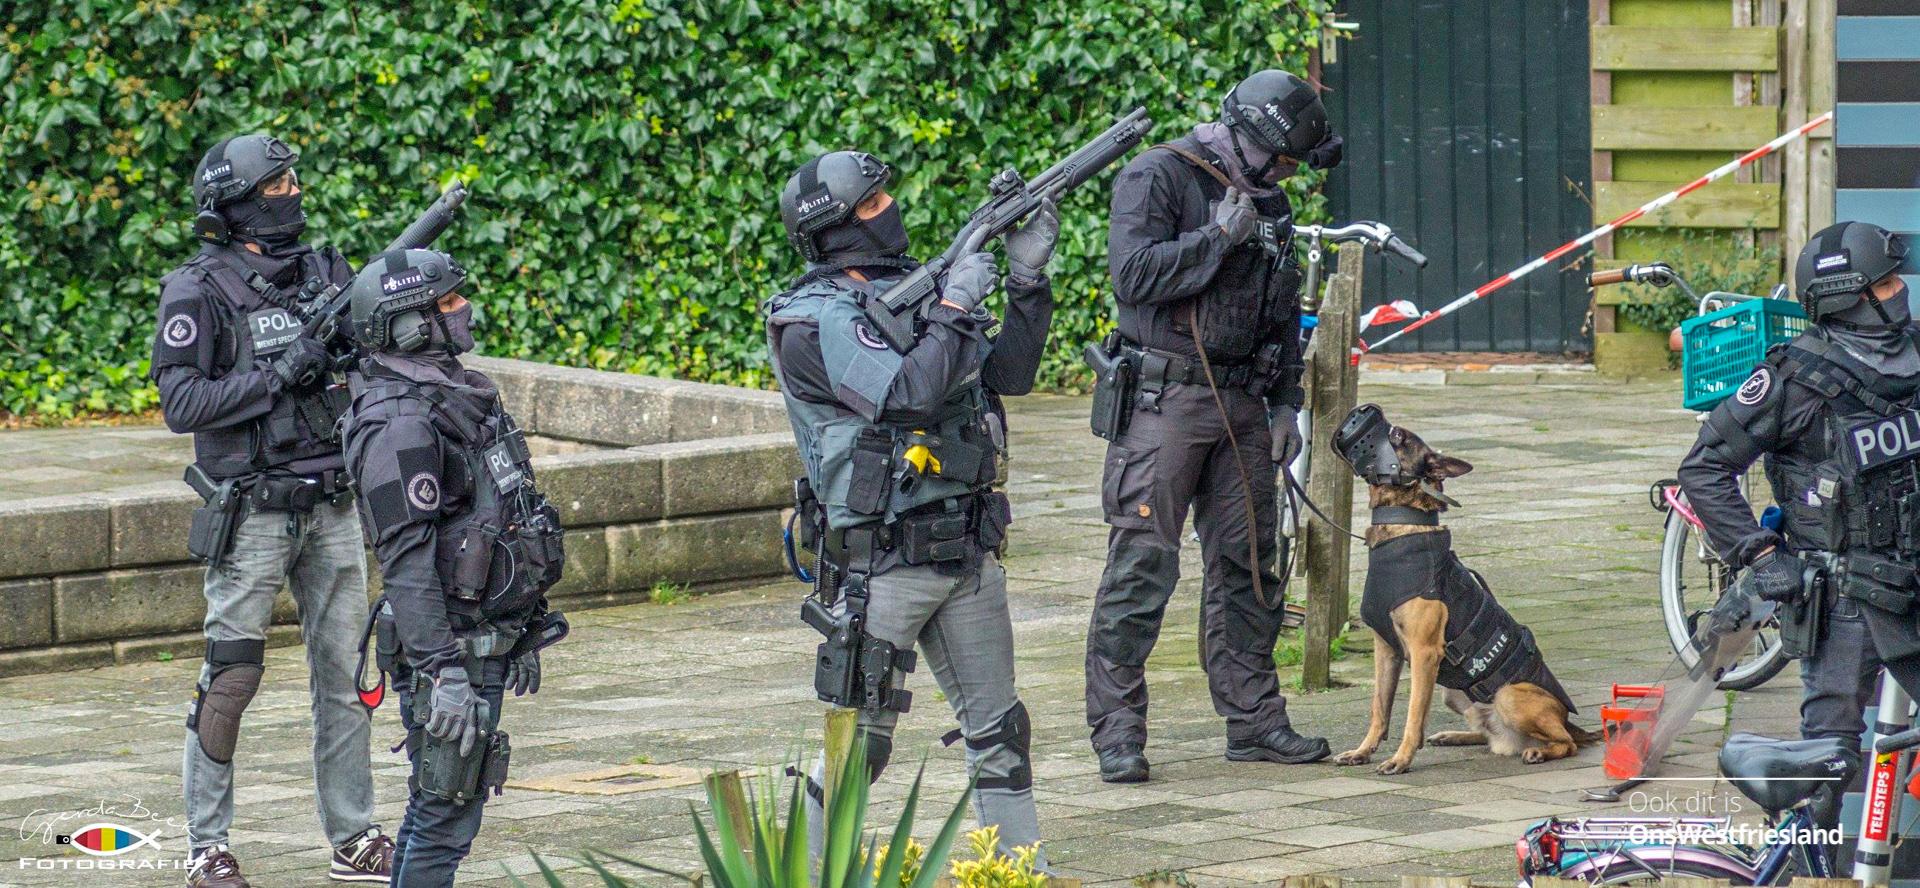 Arrestatieteam nodig voor aanhouding man met mes in Hoorn